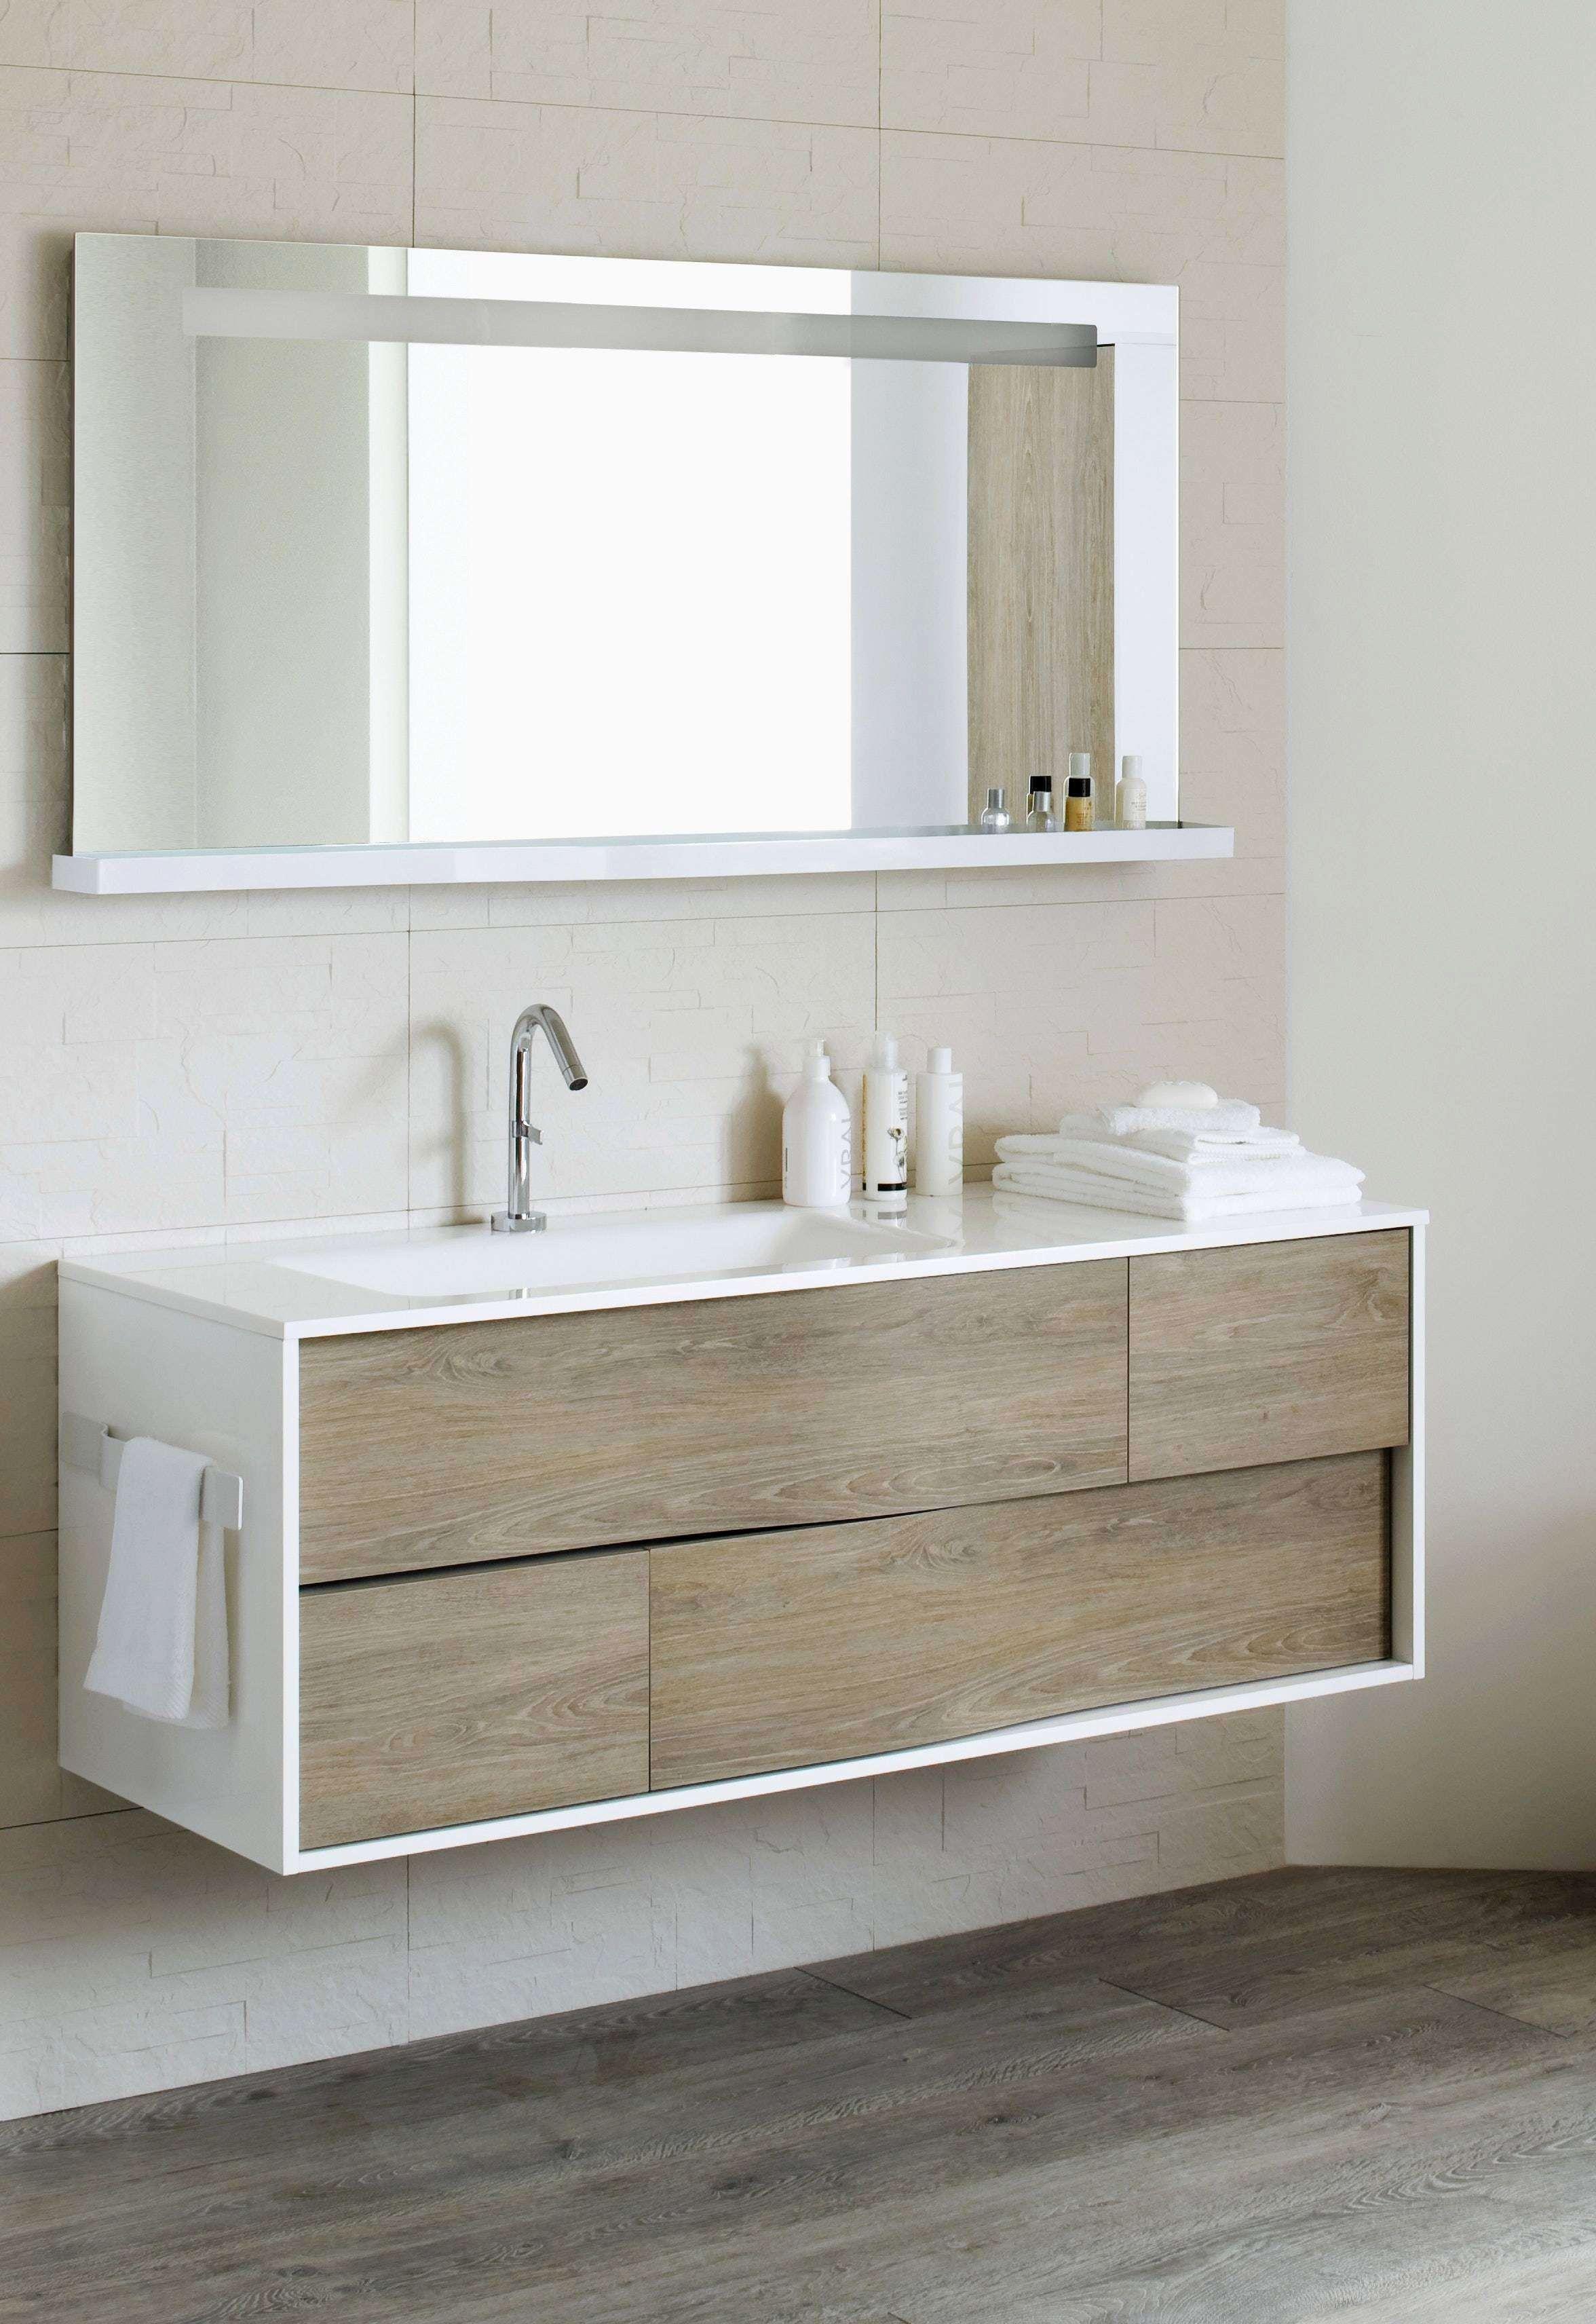 Badezimmer Set Modern Mit Waschbecken Top Gunstige Badmobel Set